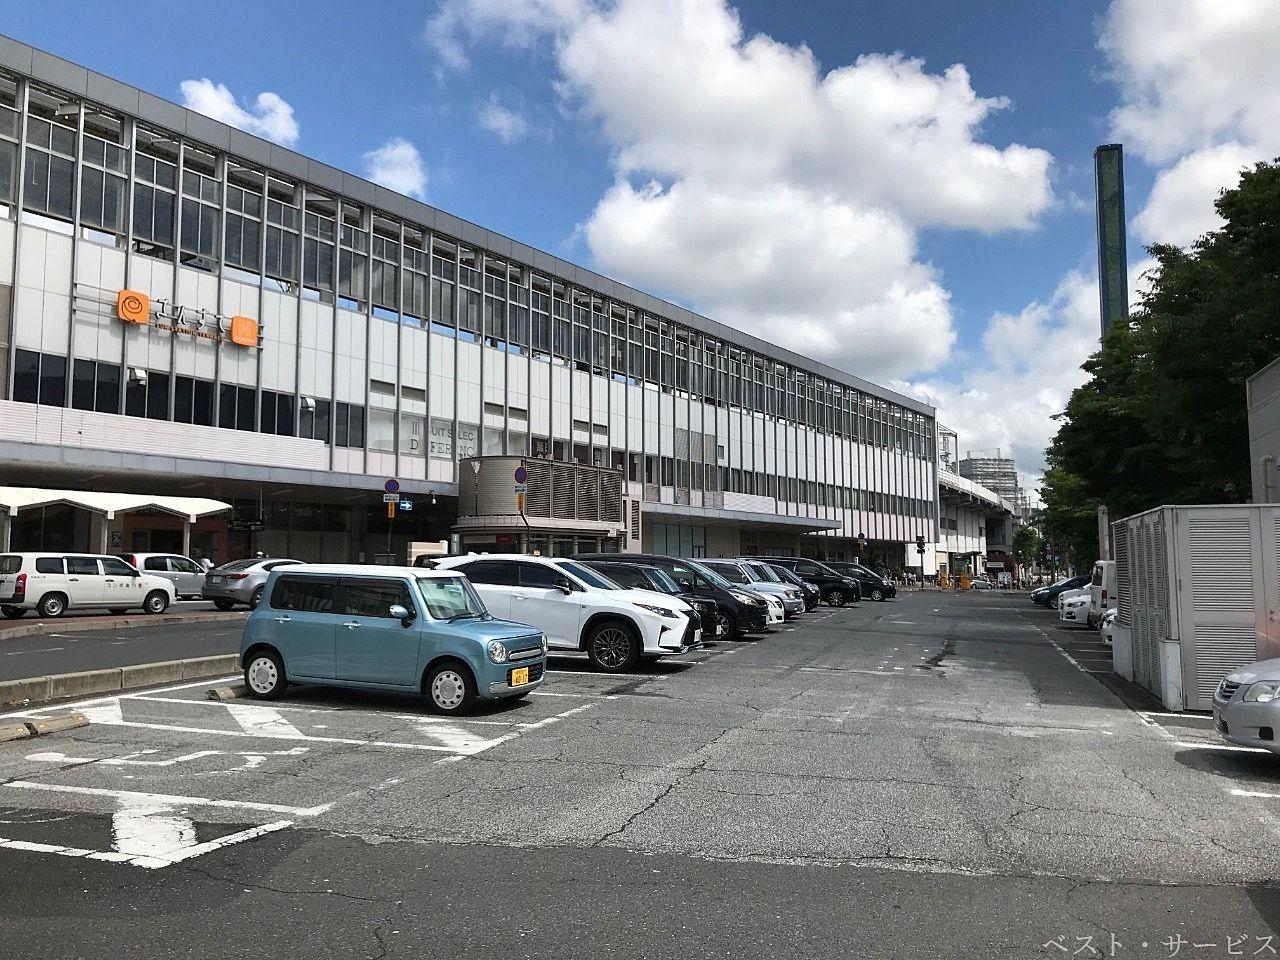 JR岡山駅・東口/岡山駅前自動車整理場